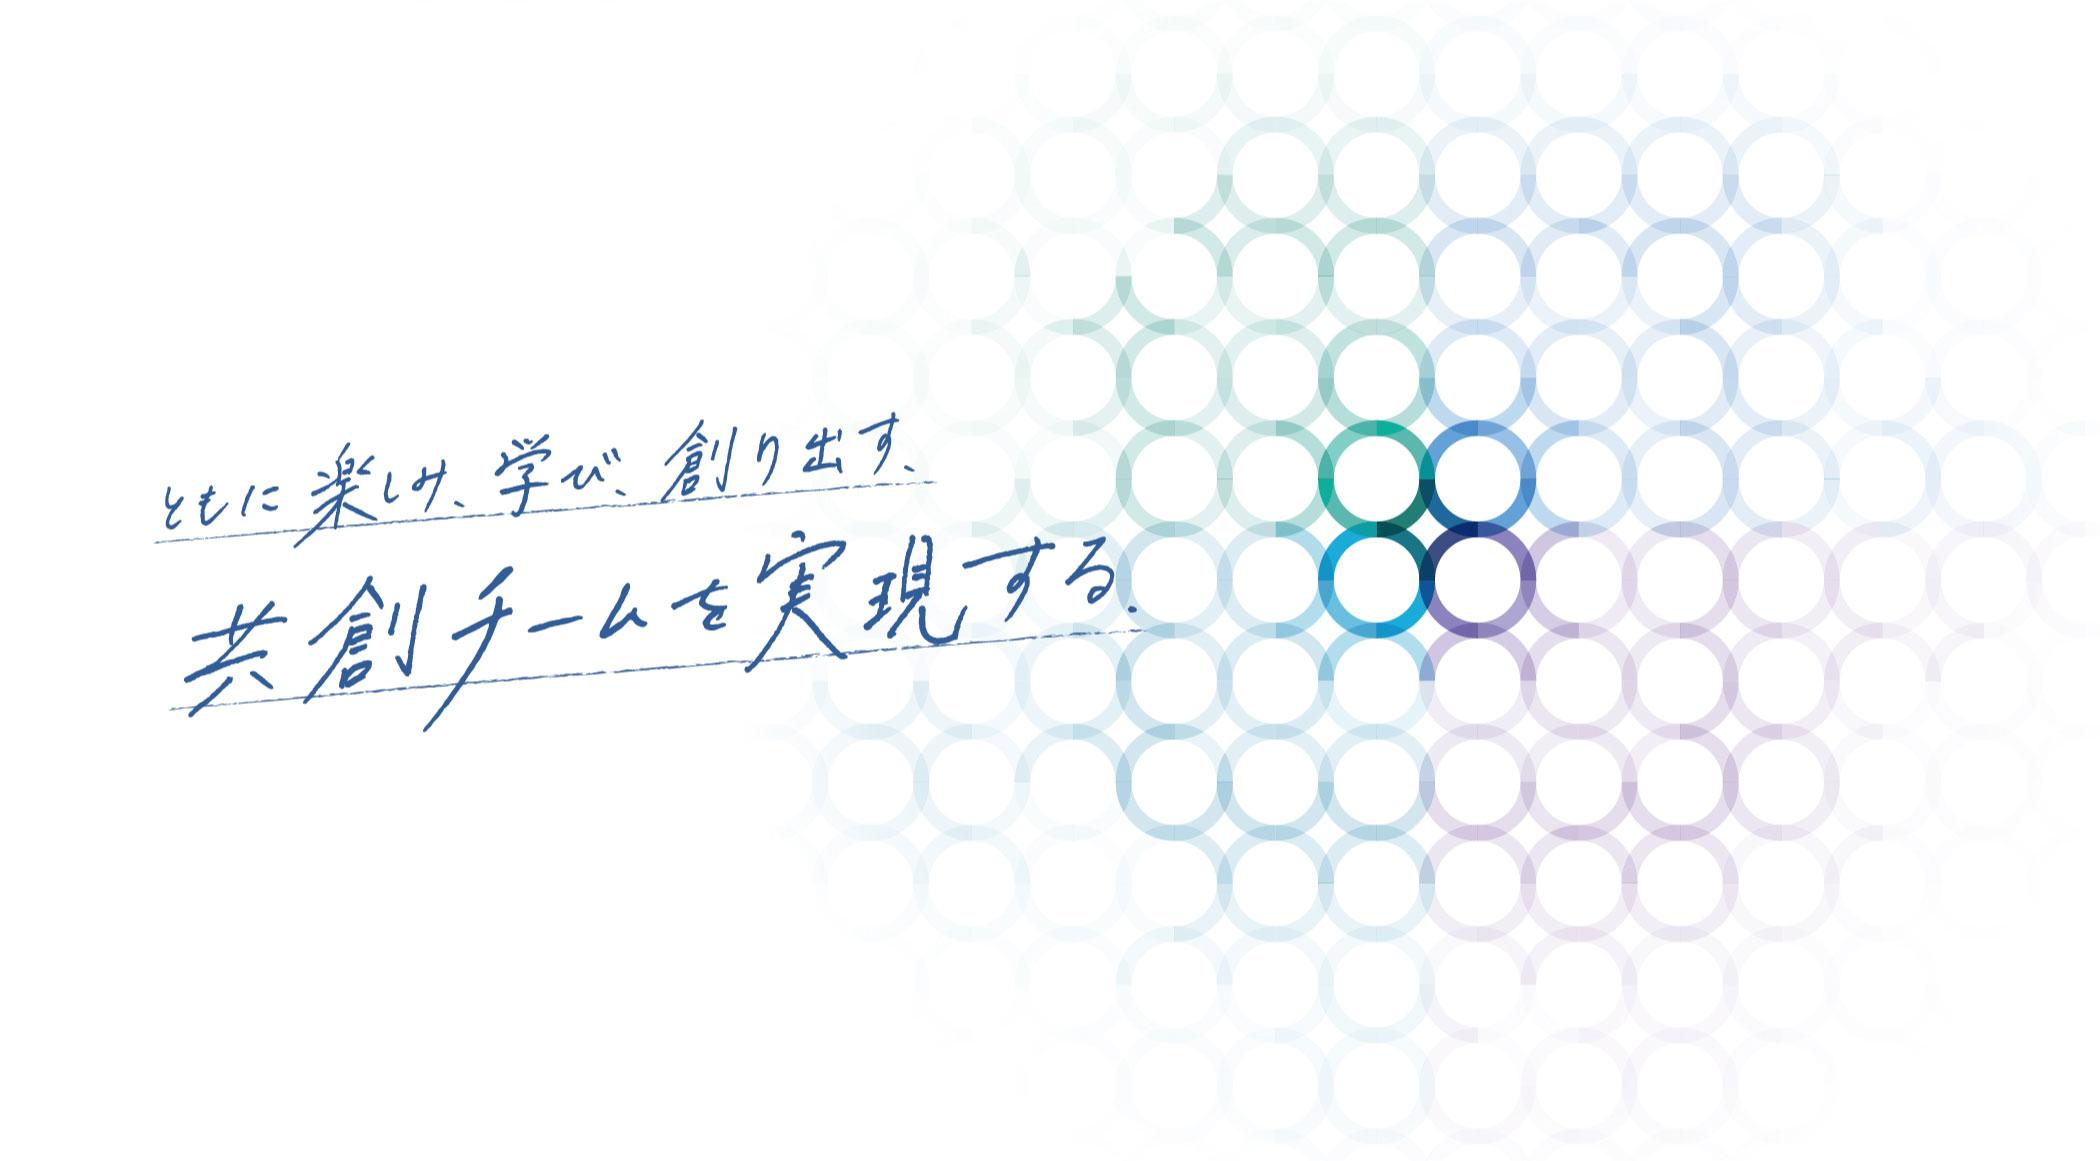 株式会社Co-Lab